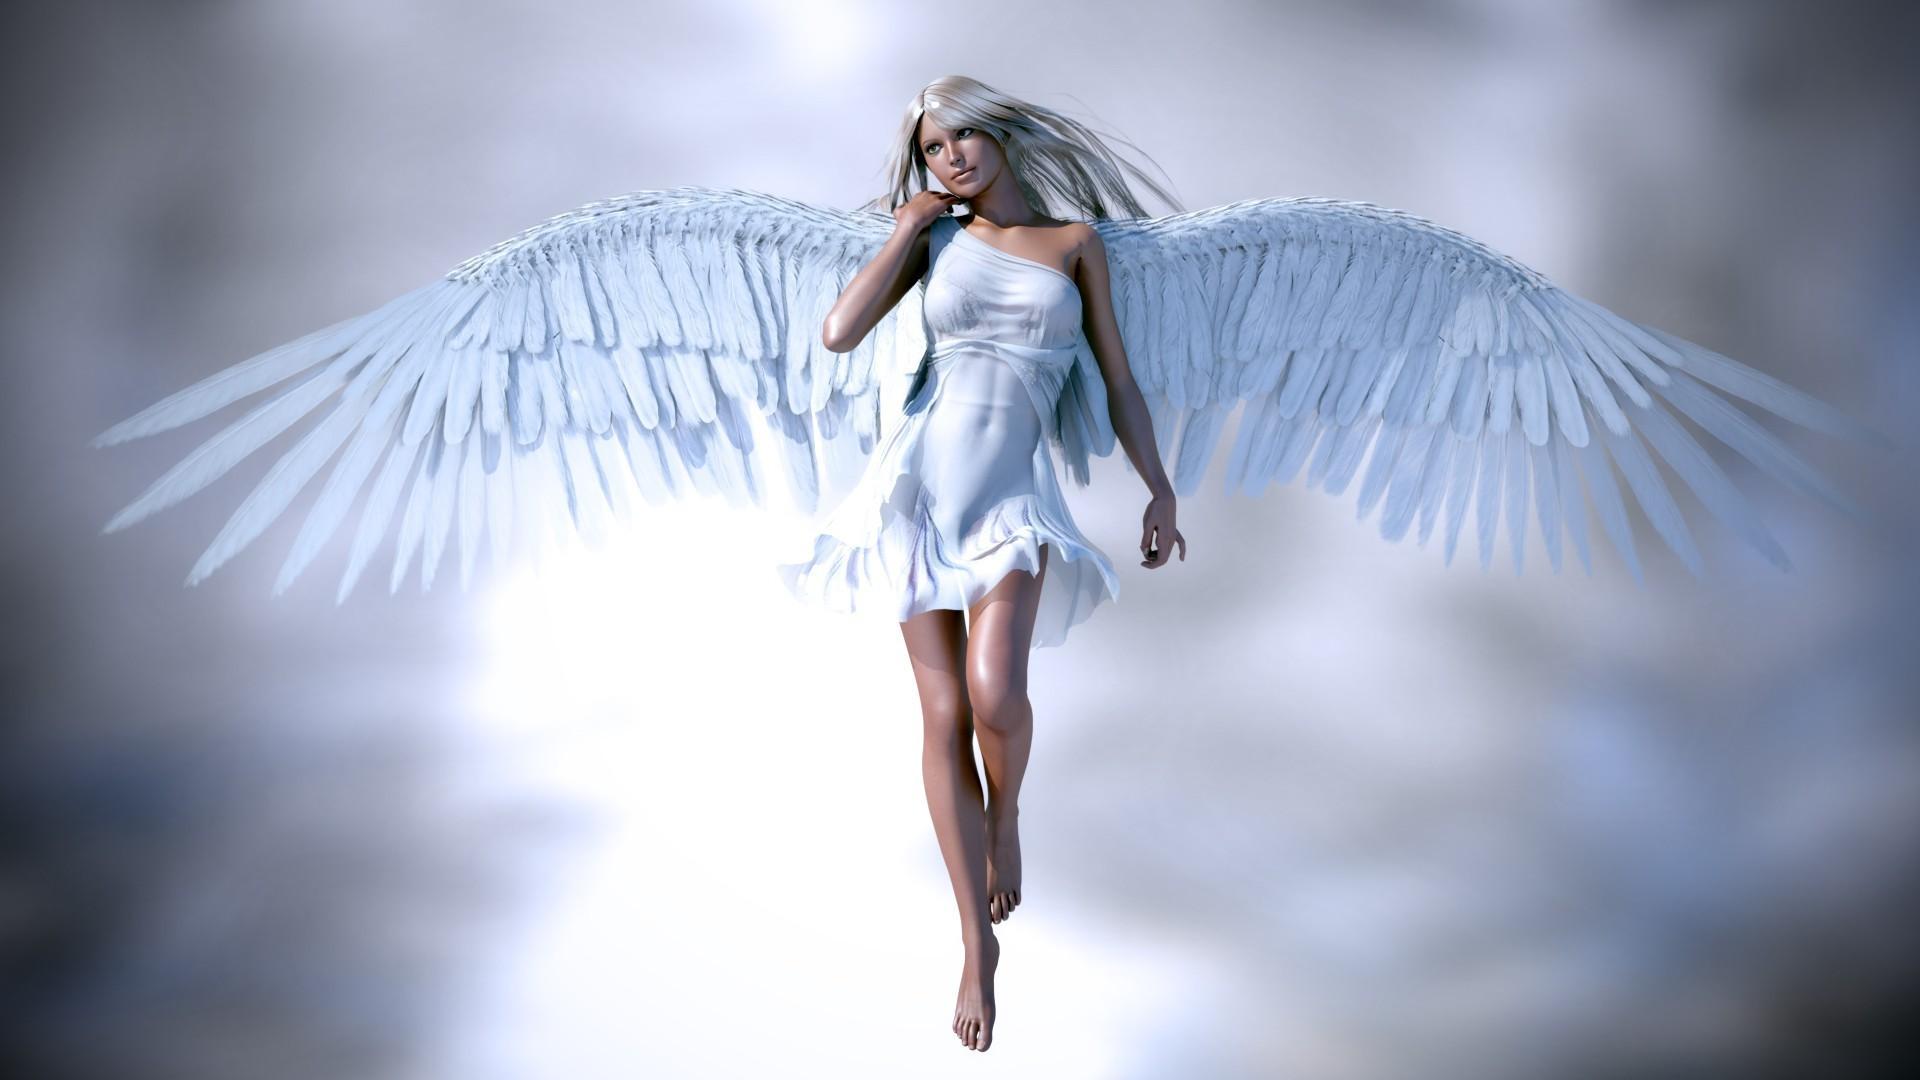 Ангел на фоне моря фото — pic 4